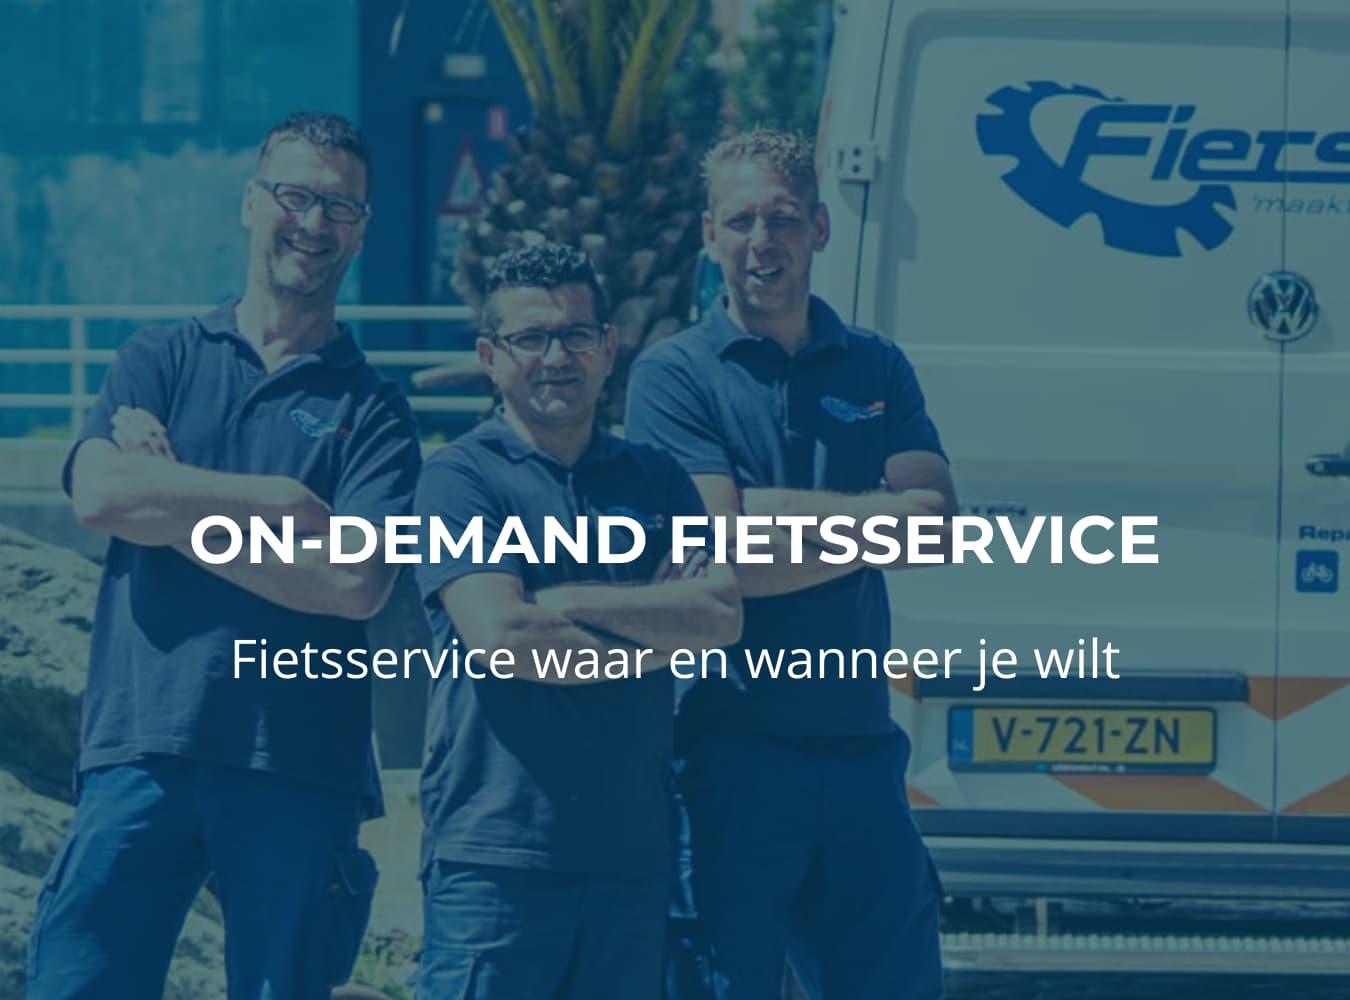 Fiets online bestellen bij Fietsuniek.nl. De beste fietsservice op locatie waar en wanneer je wilt